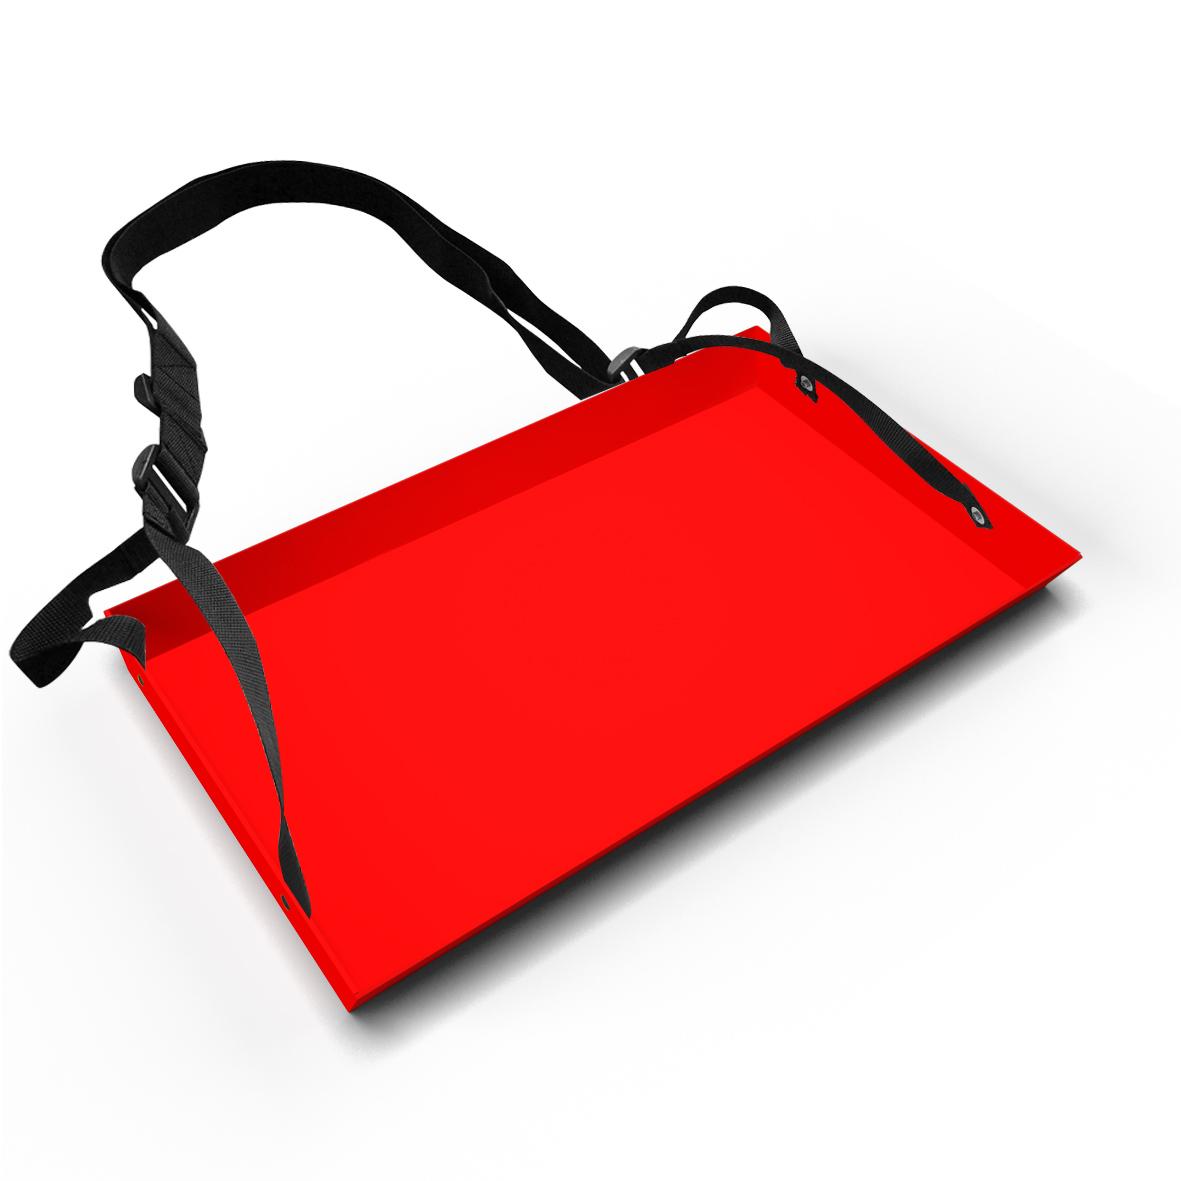 POP-LAYS-Promo-Berretto-JT160415-red.jpg